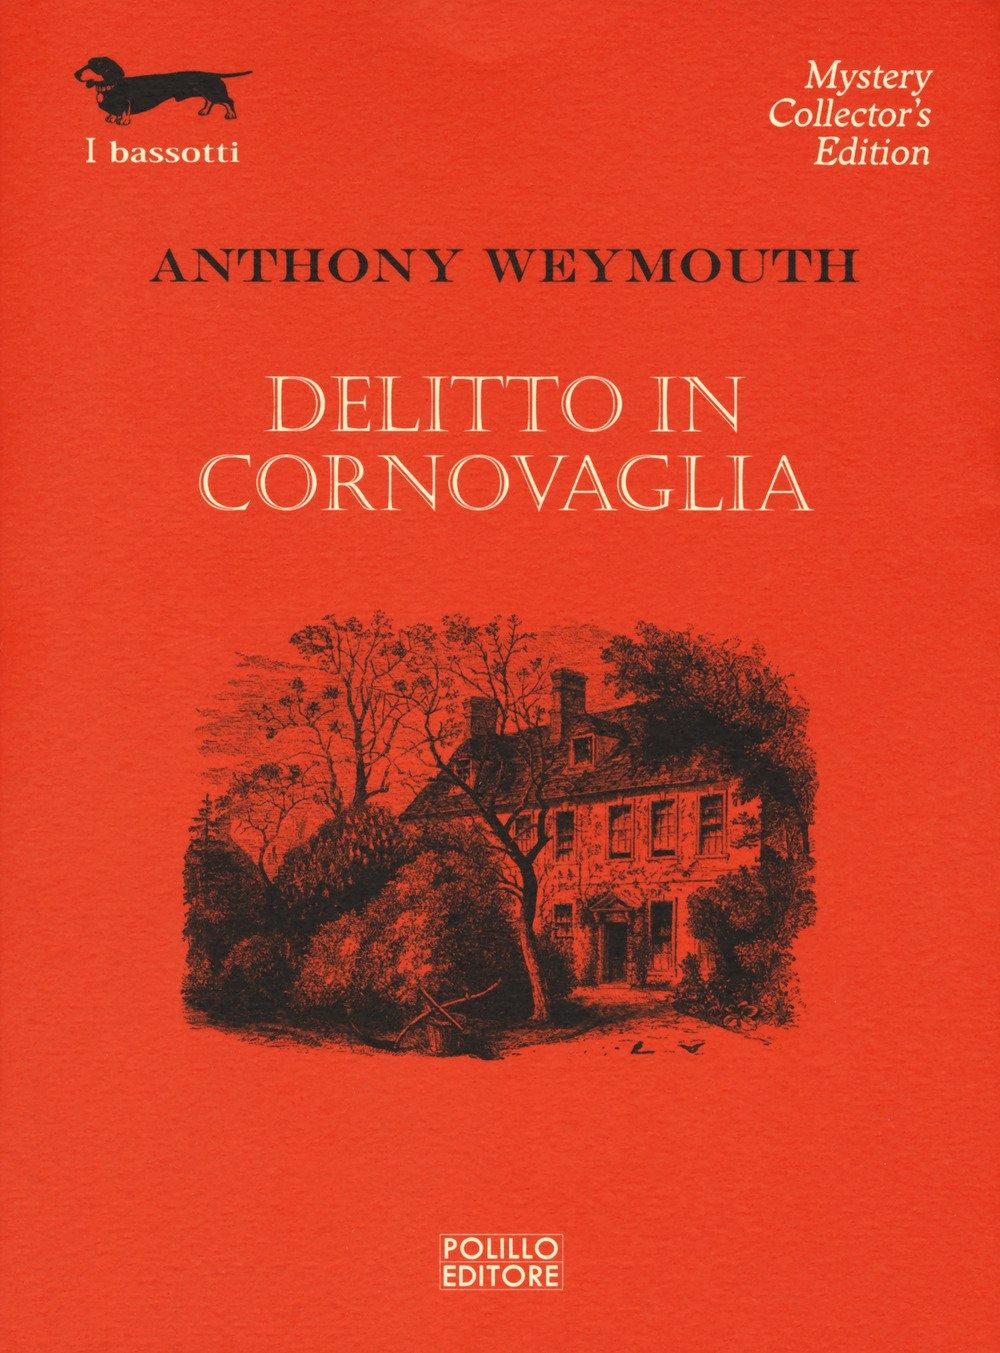 """Risultato immagini per Delitto in Cornovaglia di Anthony Weymouth"""""""